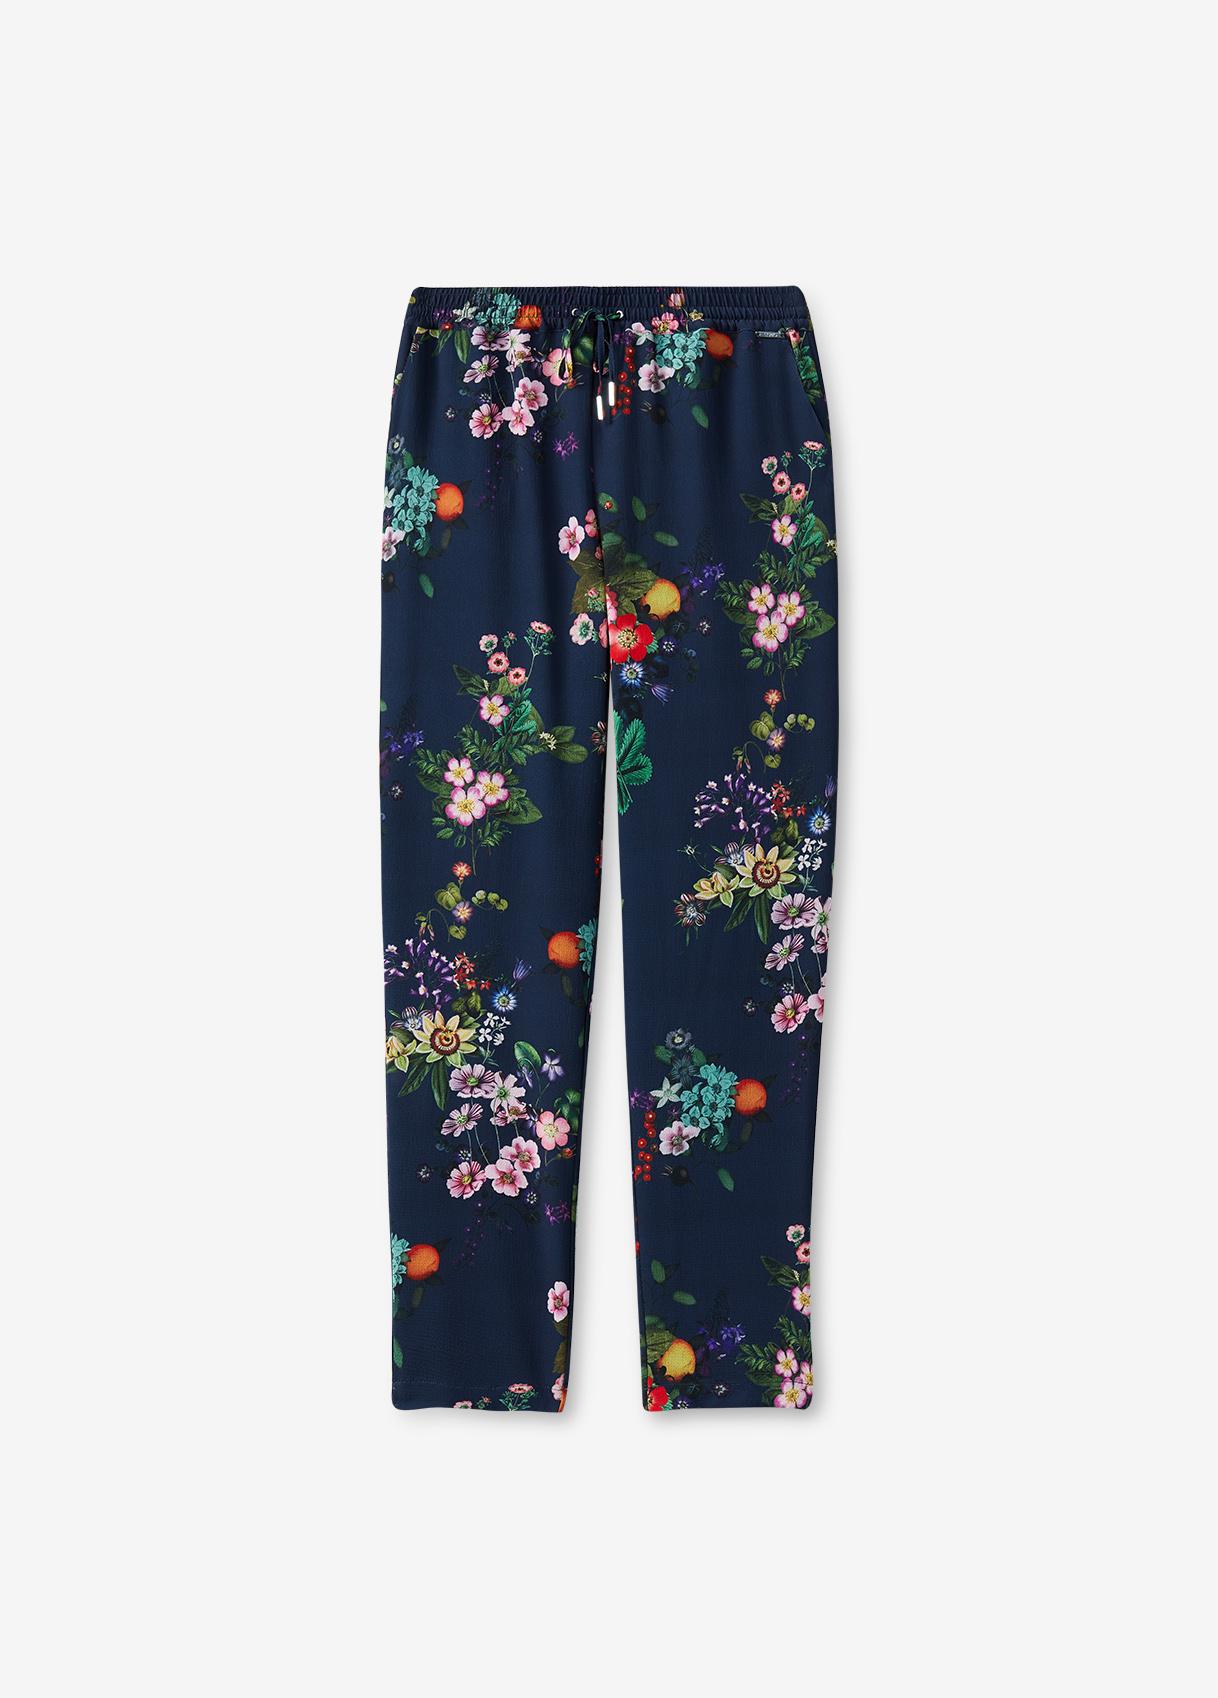 Pantalones con Calefacci/ón USB De Invierno Ropa Interior con Calefacci/ón Ropa Interior T/érmica con Forro Polar Ropa De Esqu/í con Pilas,Black-2XL Camisetas